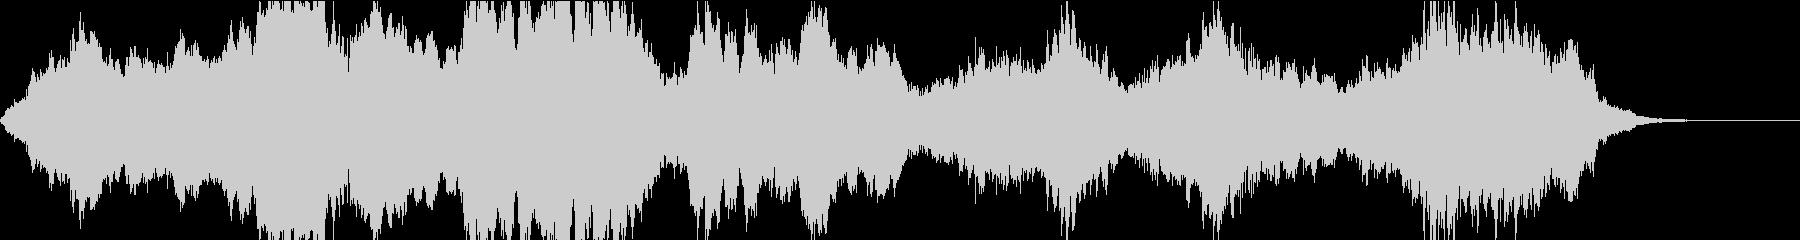 怖い映像BGM/ハロウィン/恐怖/ホラーの未再生の波形